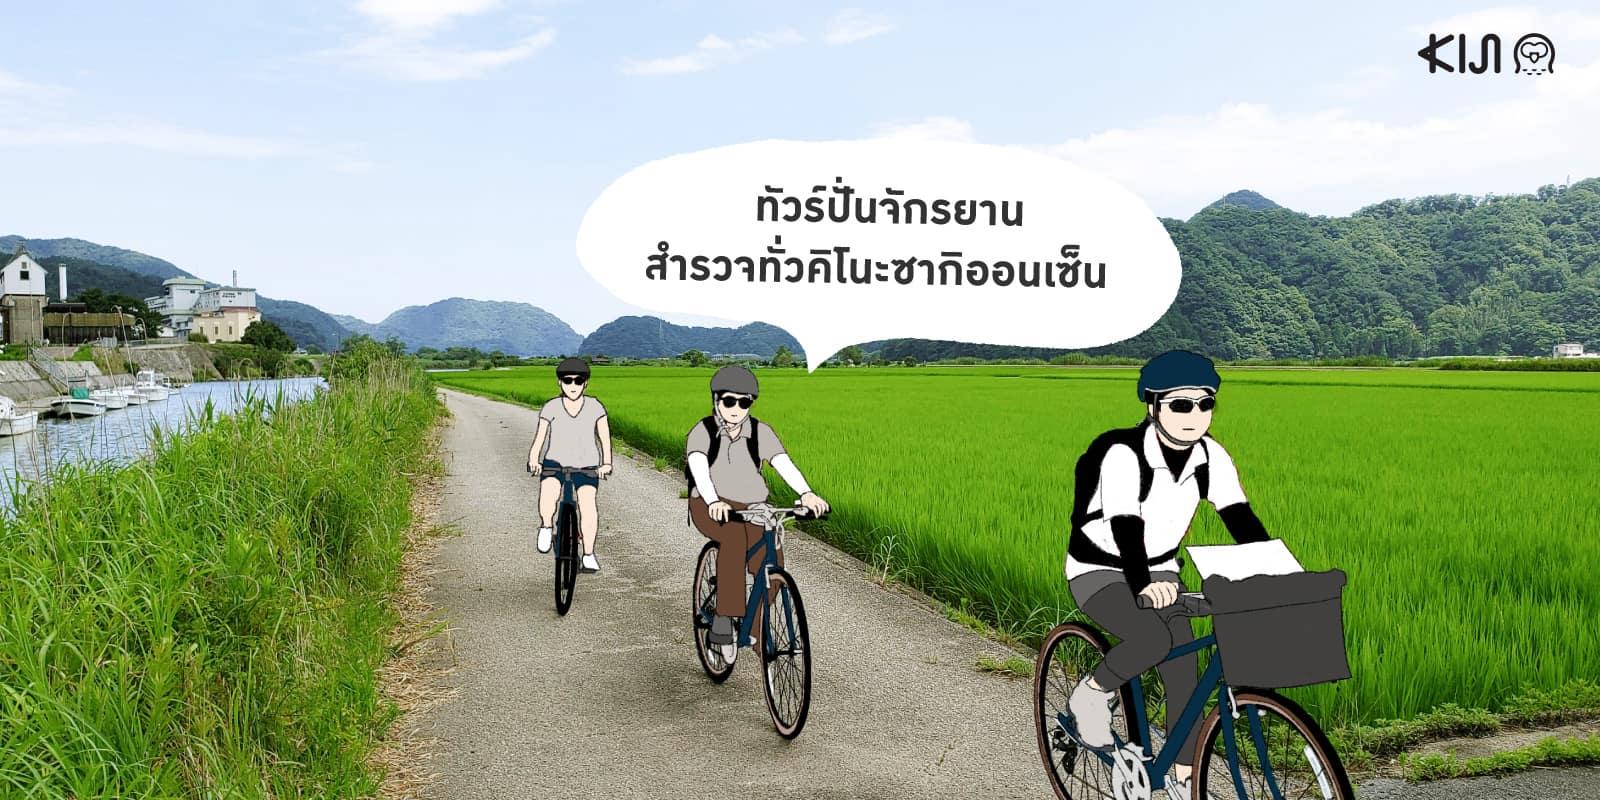 ทัวร์ ปั่นจักรยาน ที่ คิโนะซากิออนเซ็น